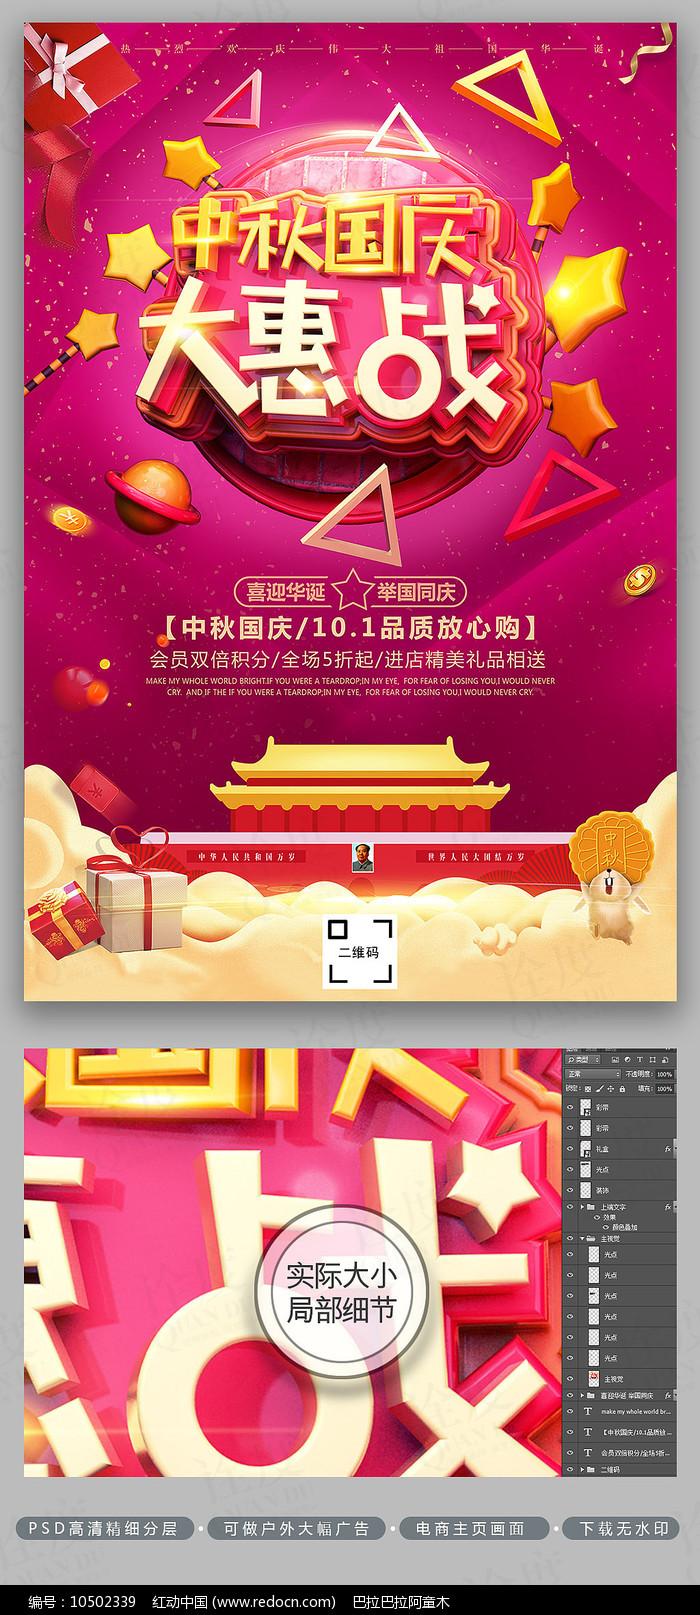 中秋国庆大惠战活动促销海报图片